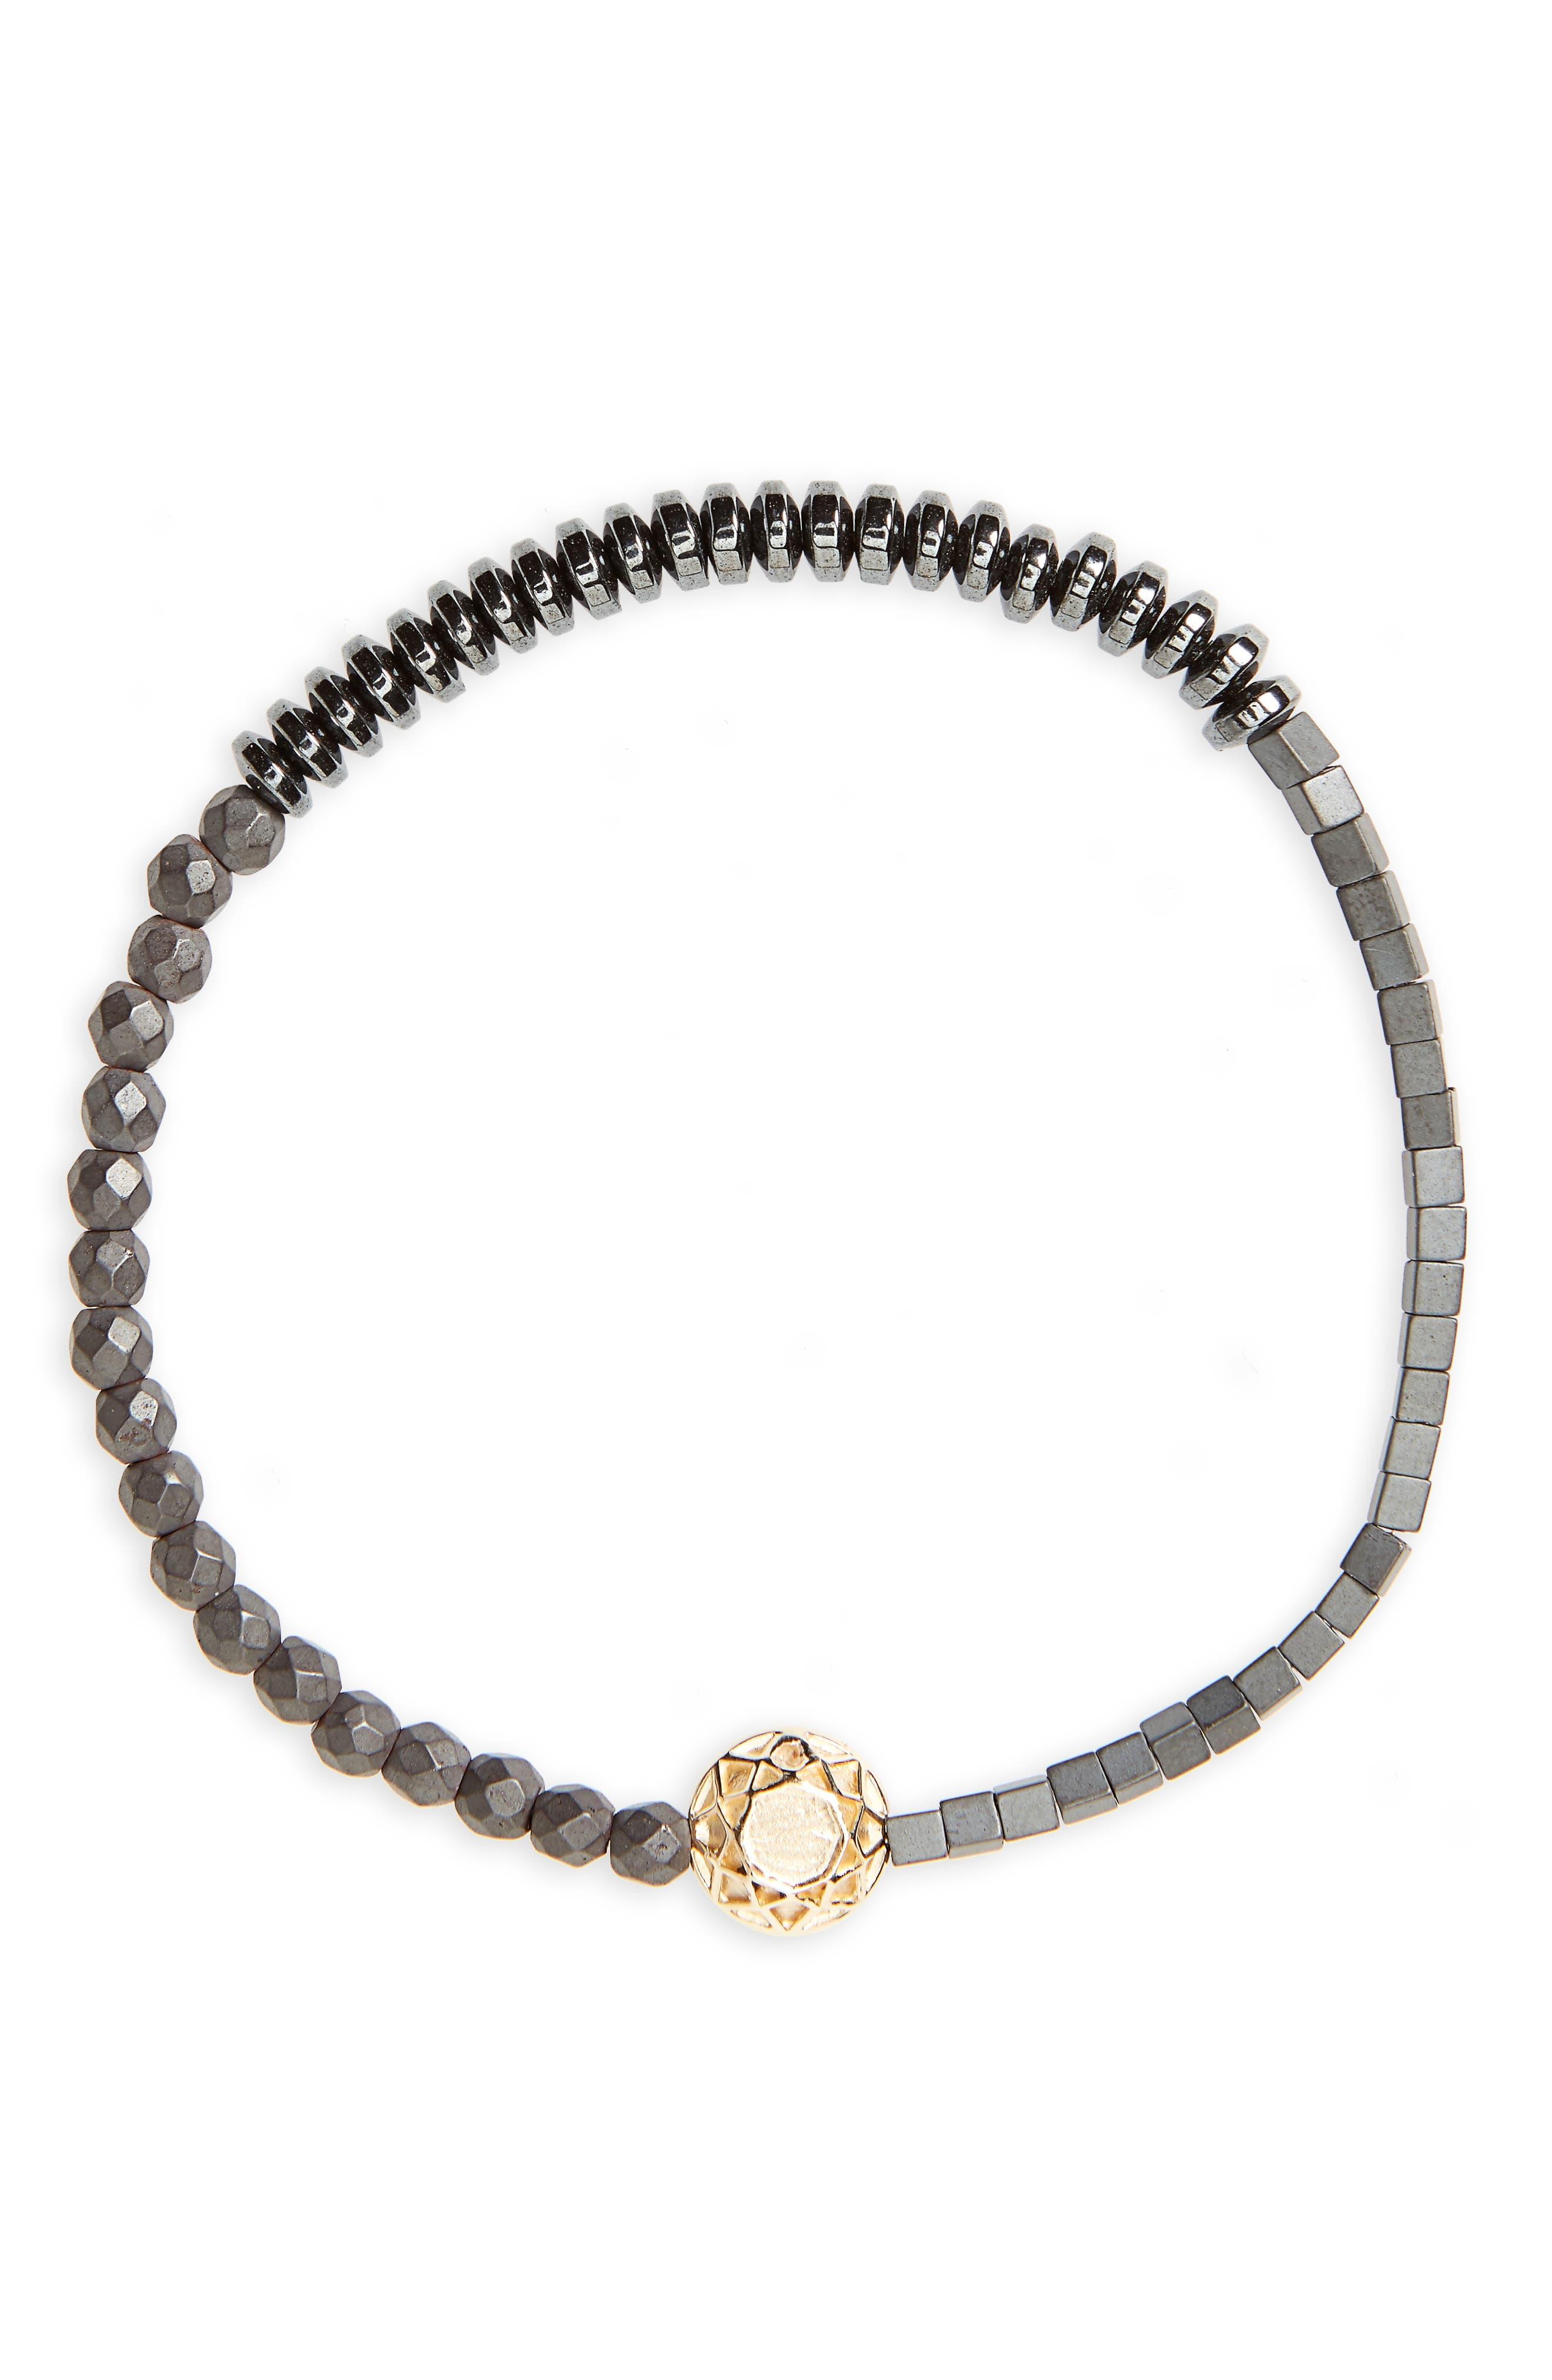 Gold Faceted Mantra Stretch Bracelet,                         Main,                         color, Plain / Hematite Mix